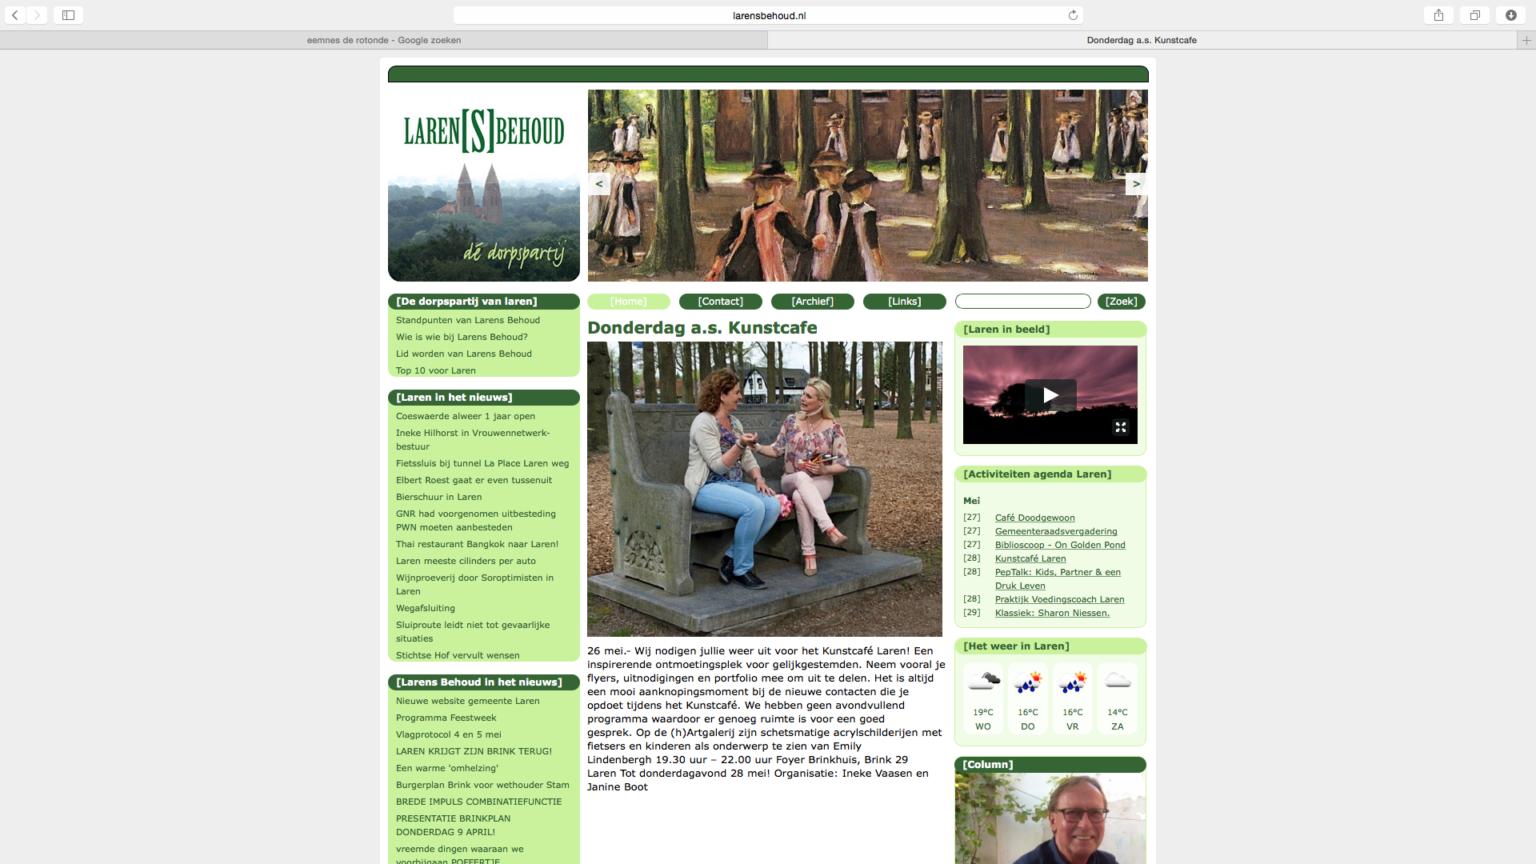 Ineke Vaasen bij de oprichting van het Kunstcafe in Laren met Janine